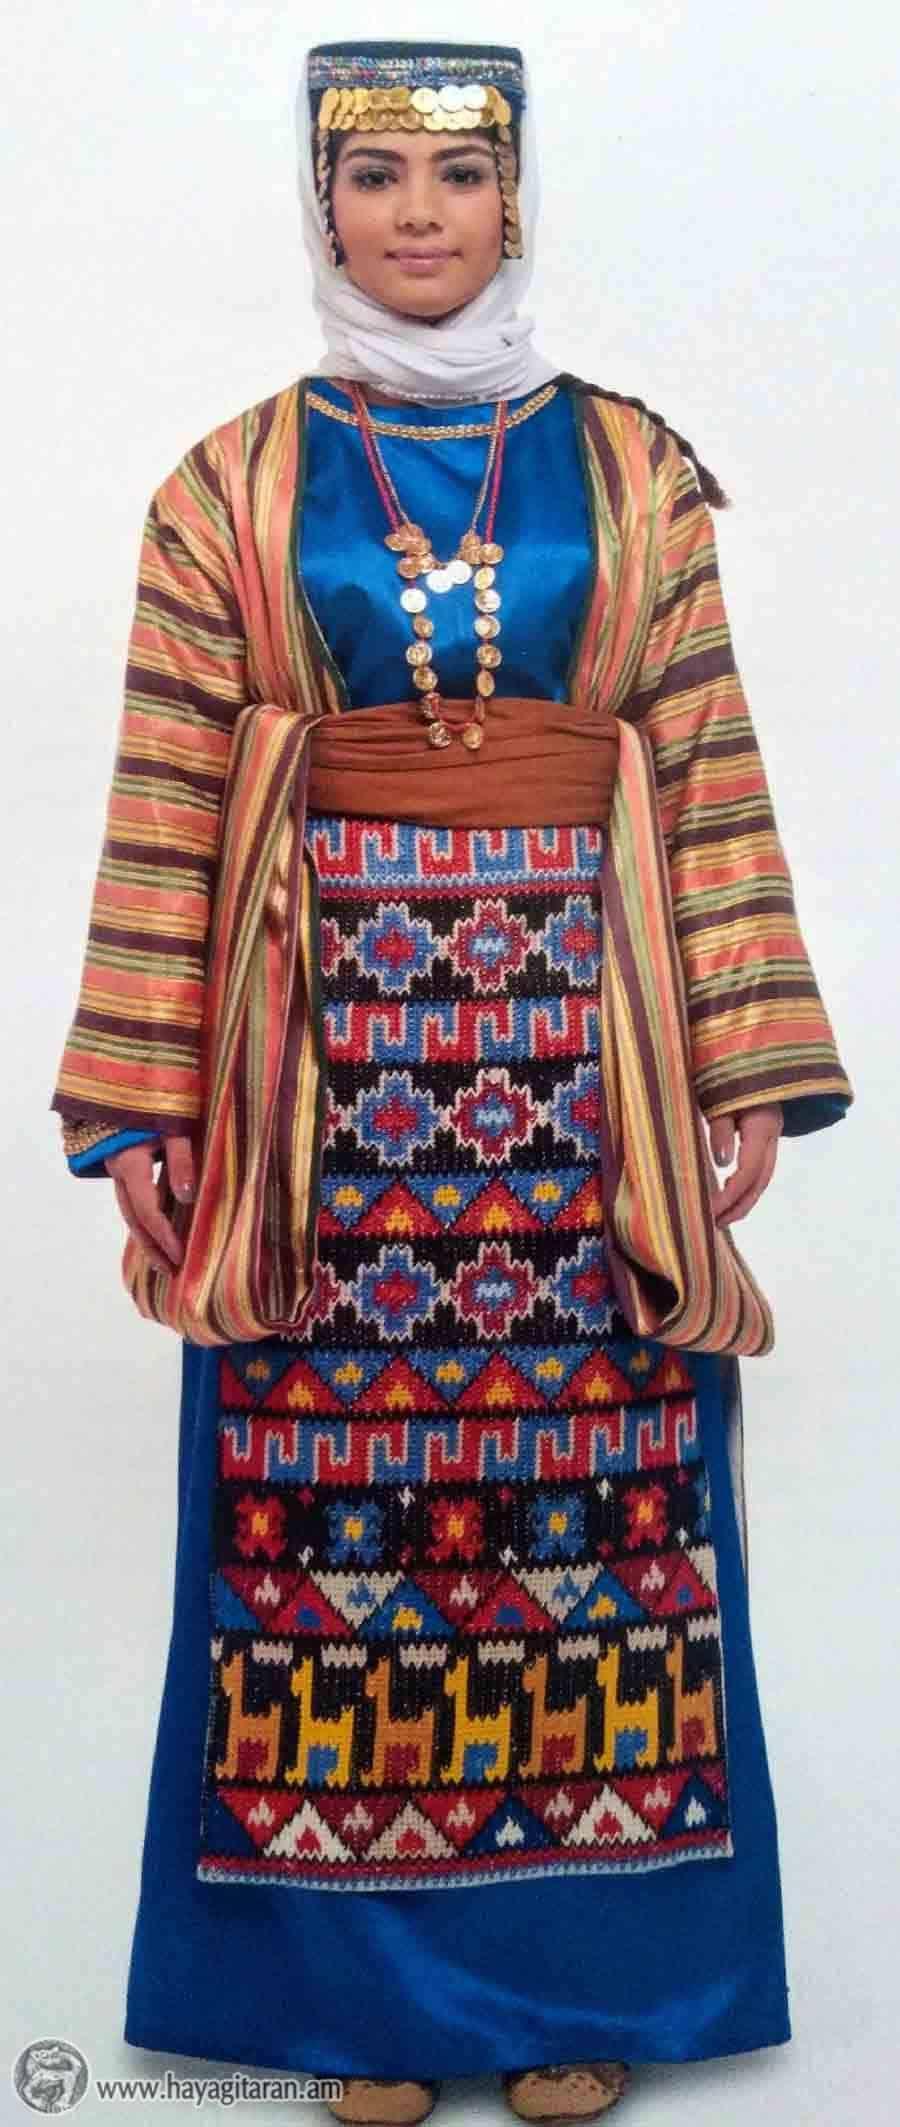 ՎԱՍՊՈՒՐԱԿԱՆԻ ԿԱՆԱՑԻ ՏԱՐԱԶ WOMEN'S DRESS, VASBURAGAN / TARAZ